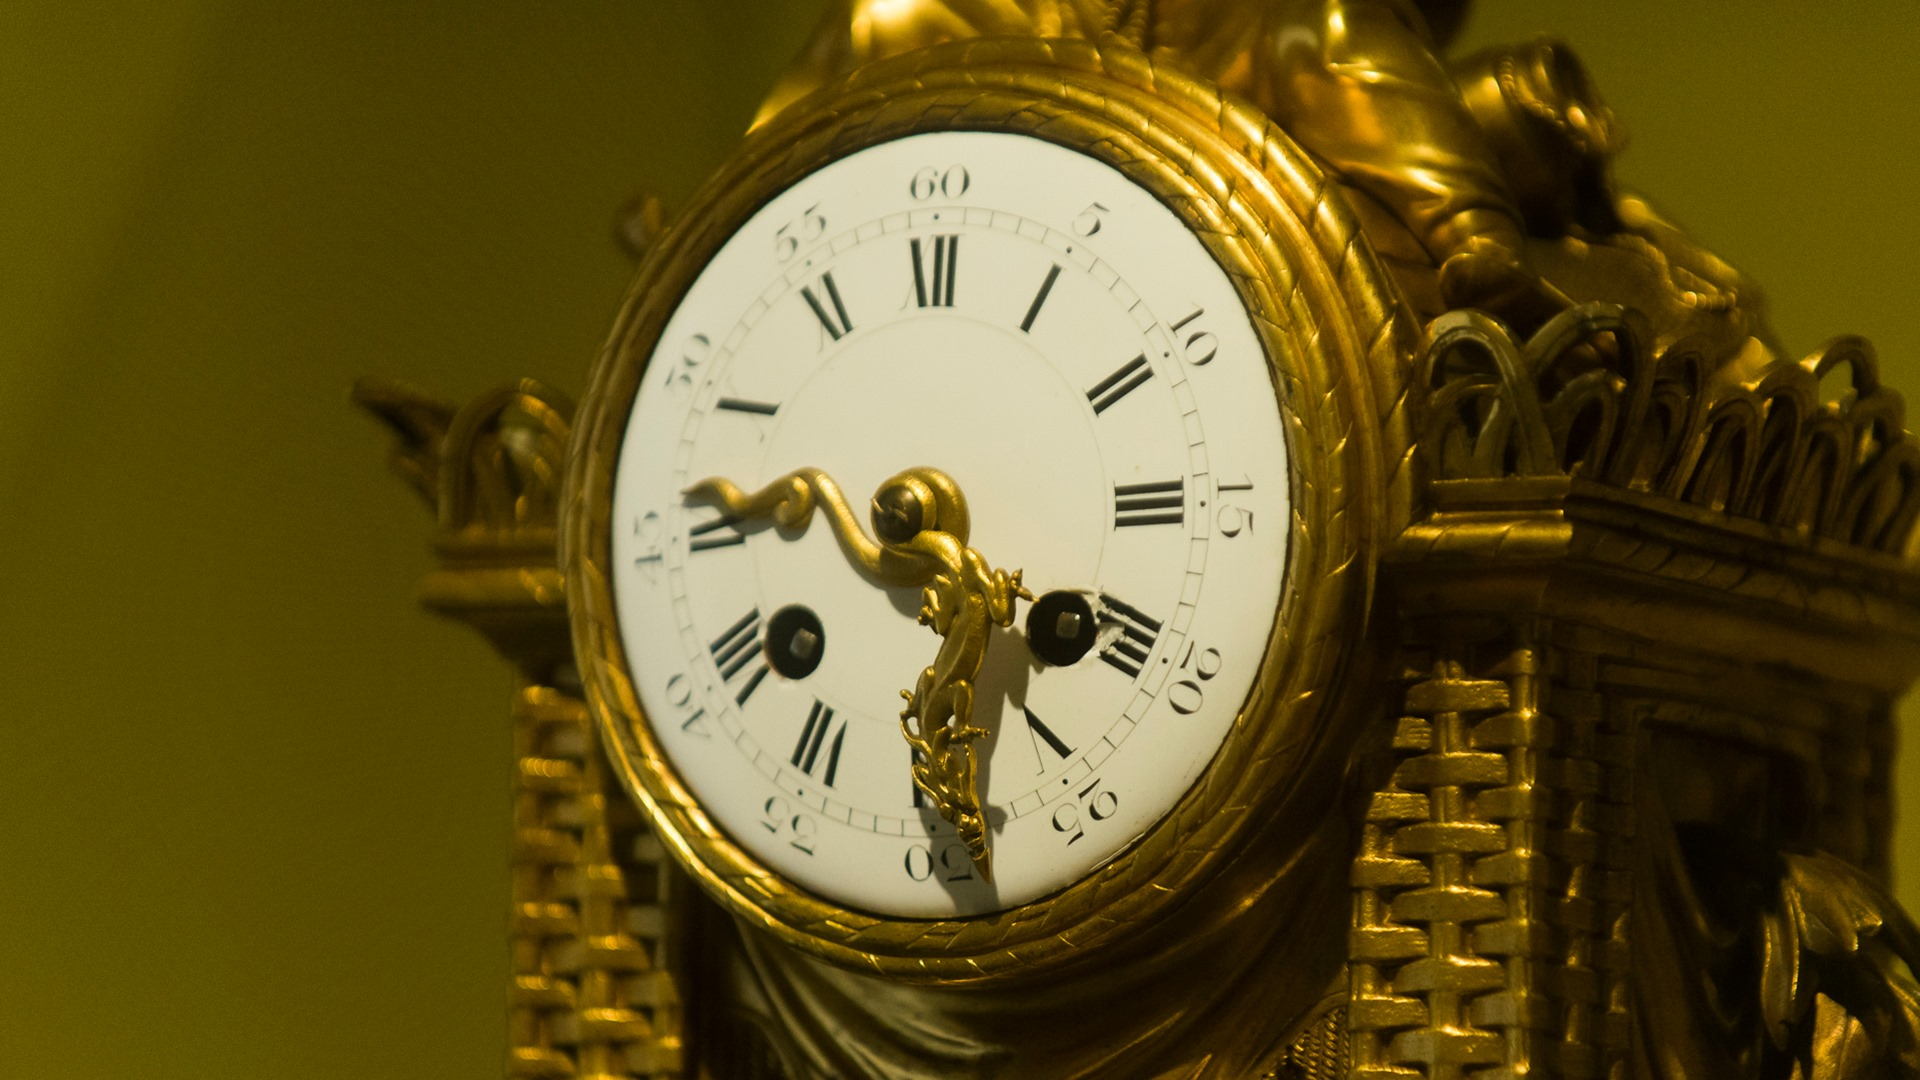 Em busca da precisão. Os relógios do século XVIII da coleção Medeiros e Almeida | Maria Mayer